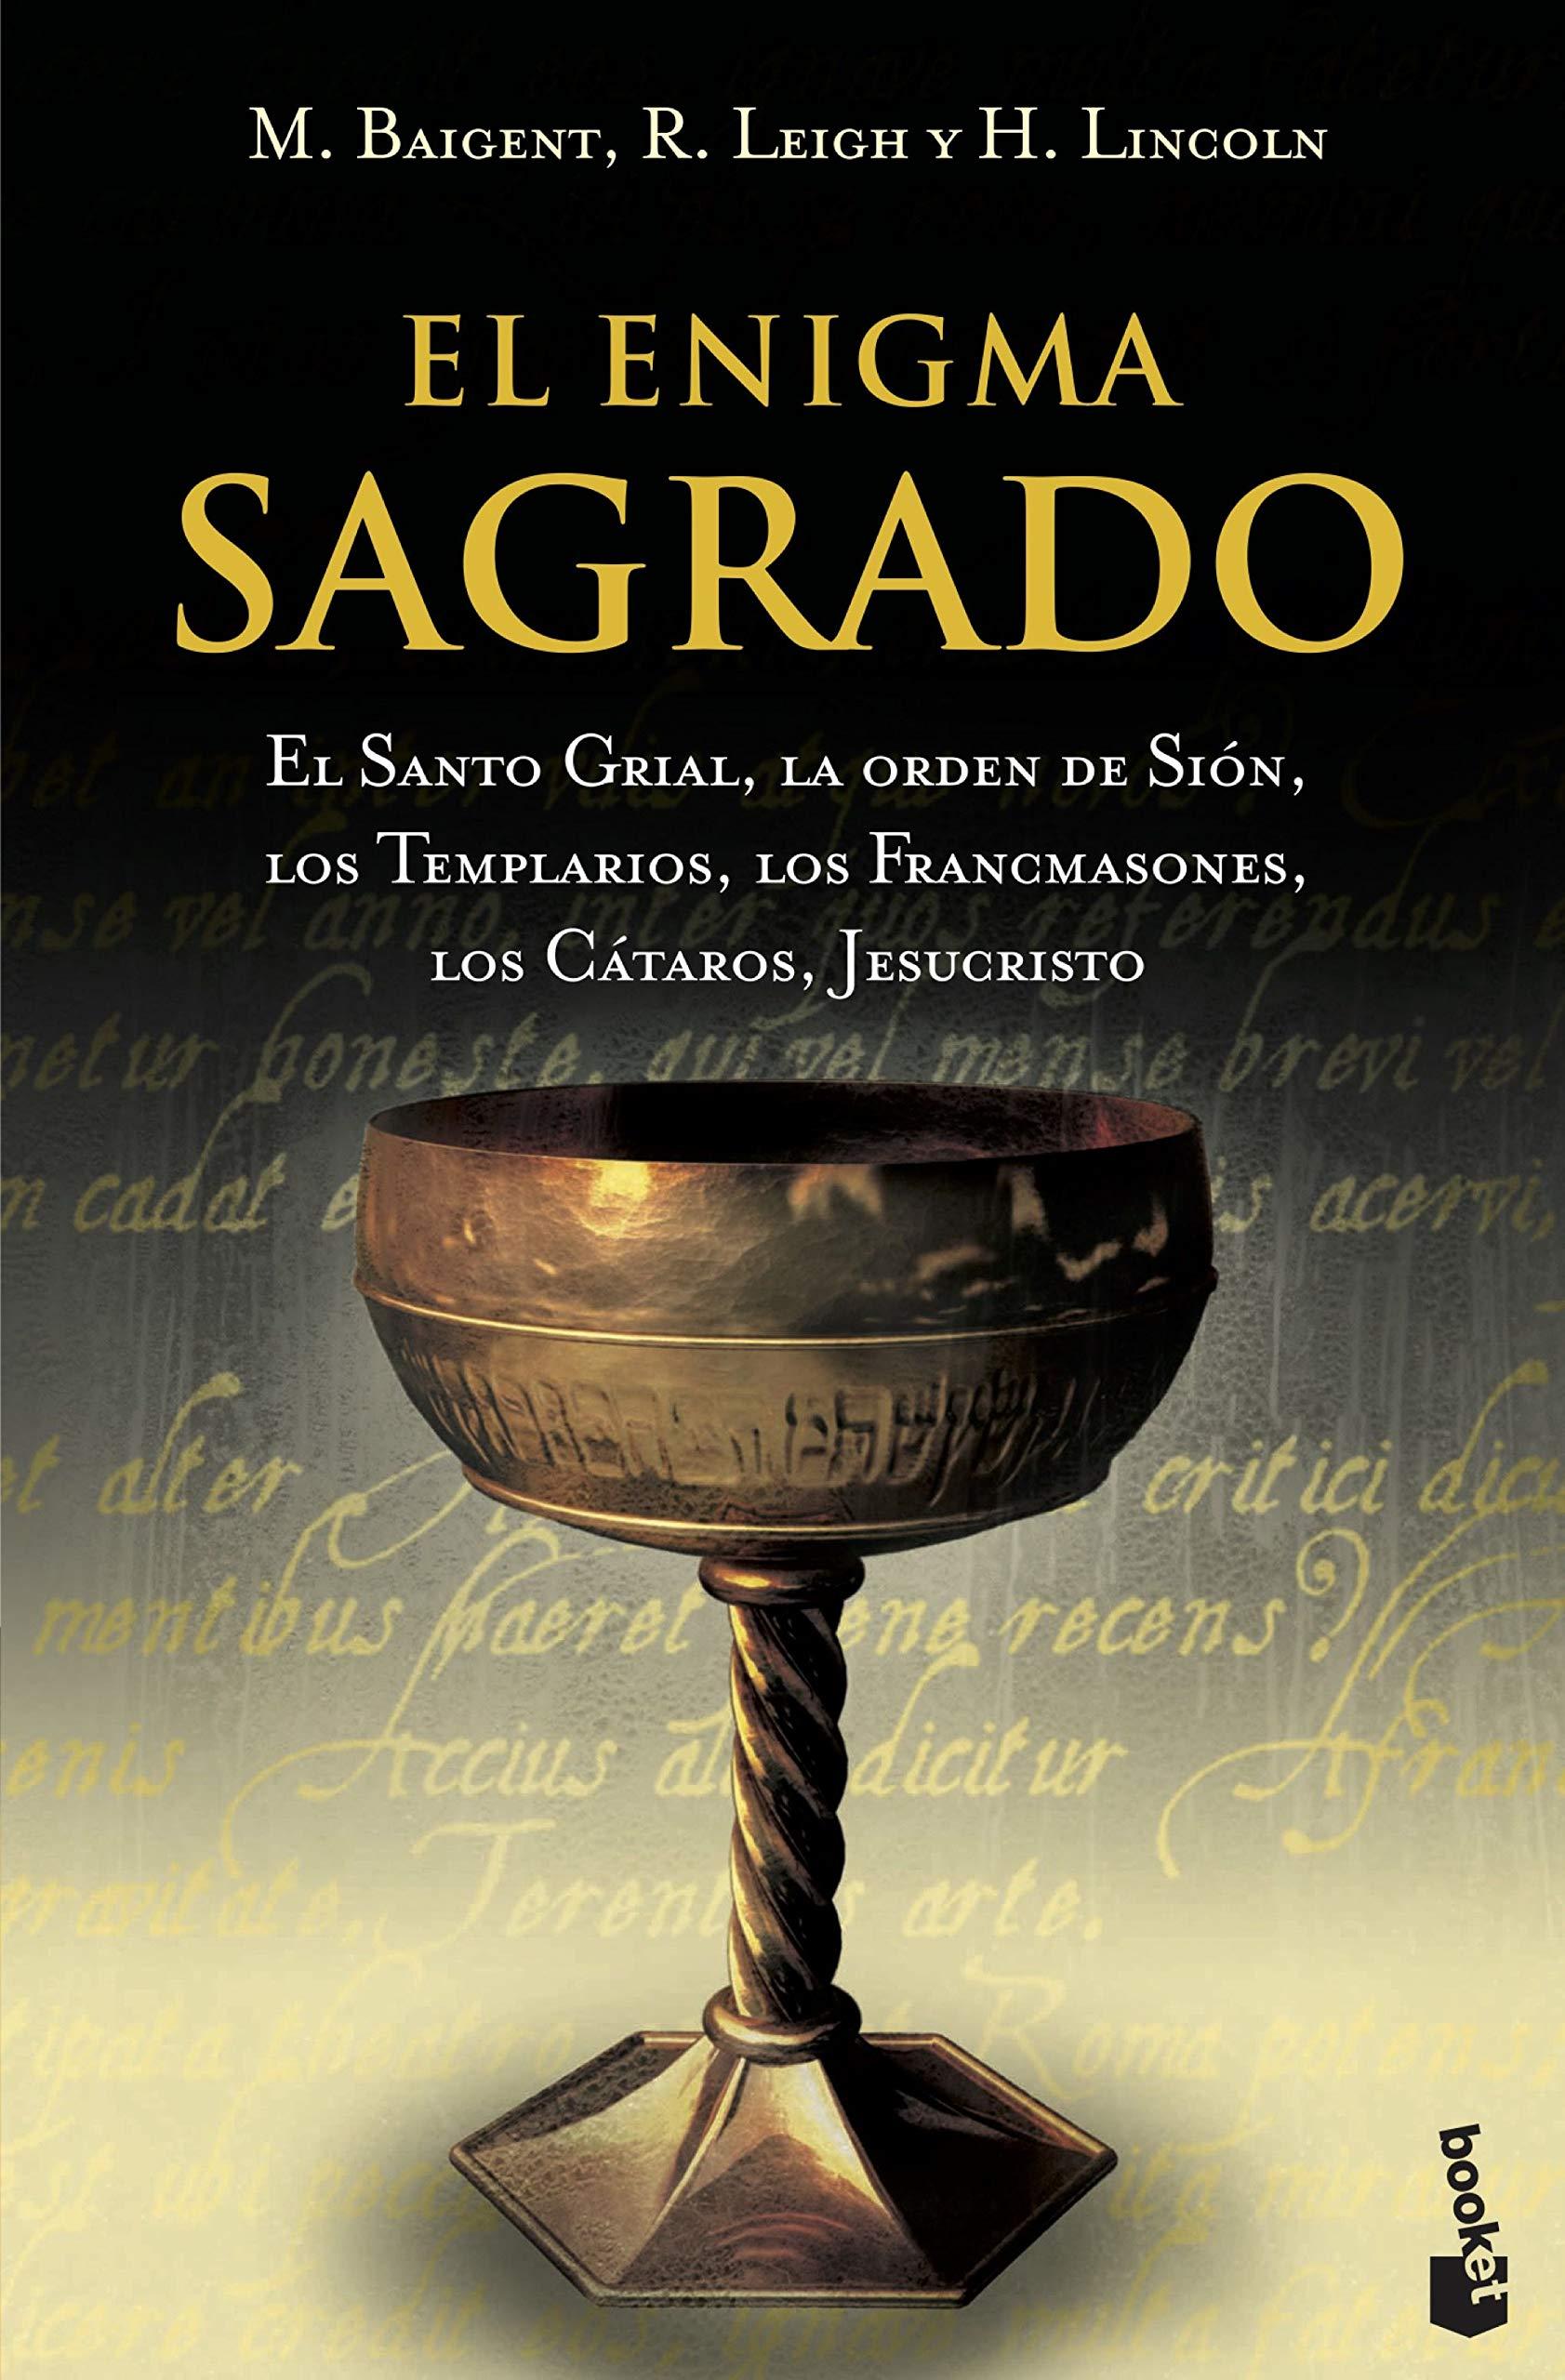 El enigma sagrado: 5 (Divulgación): Amazon.es: Leigh, Richard, Lincoln, H., Baigent, M.: Libros